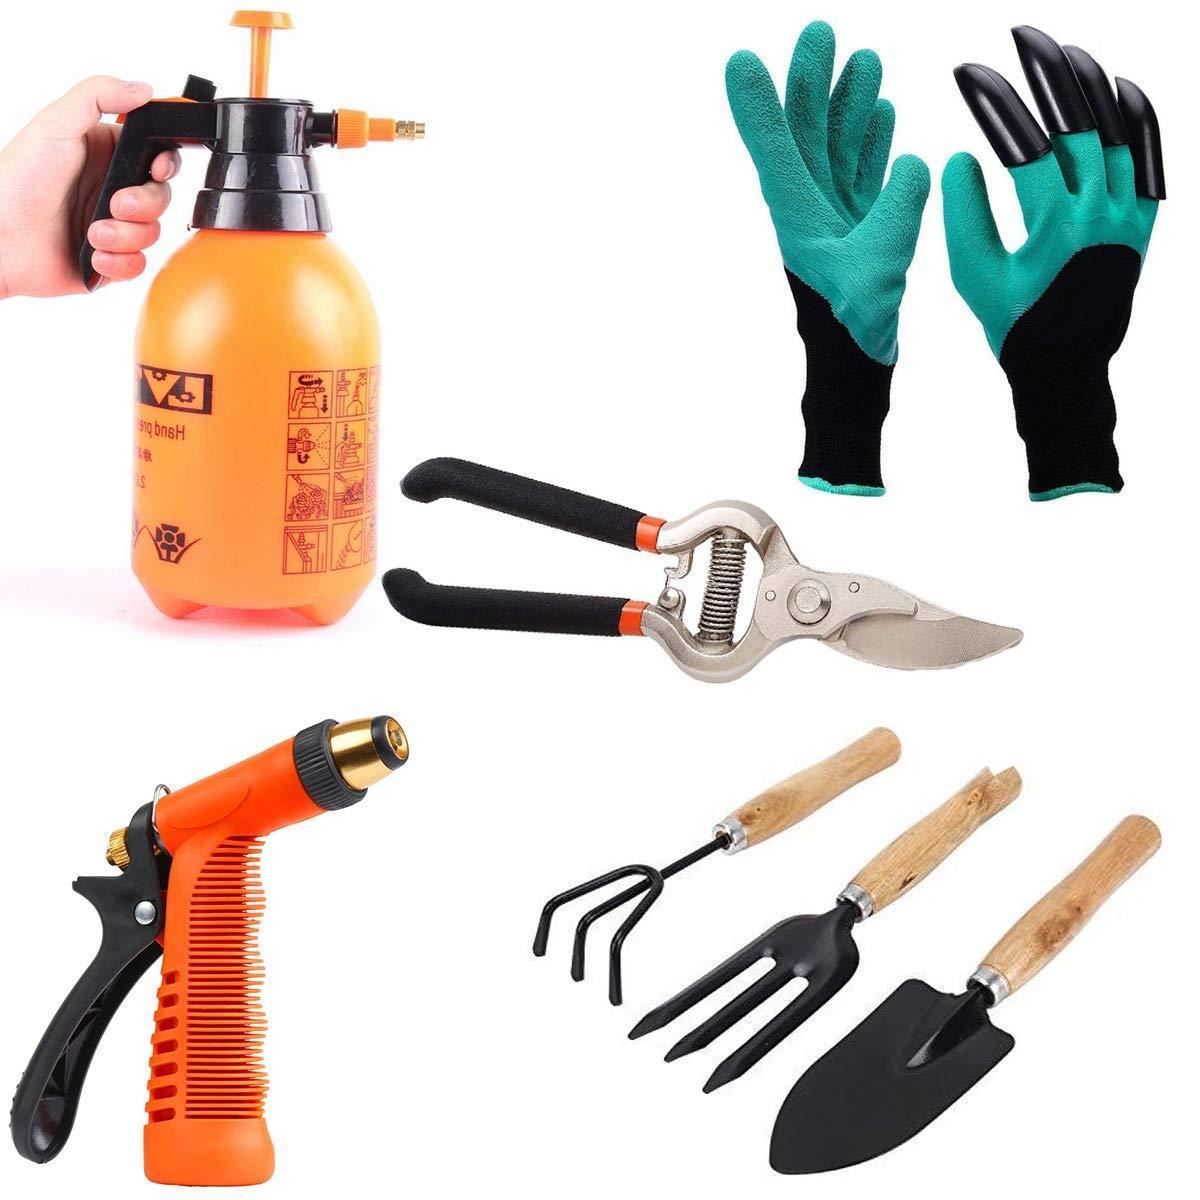 Unnati -  Gardening Tools - Water Lever Spray Gun | Cultivator, Small Trowel, Garden Fork | Pressure Garden Spray Bottle | Genie Gloves | Garden Shears Pruners Scissor (8-inch) - Unnati Enterprises